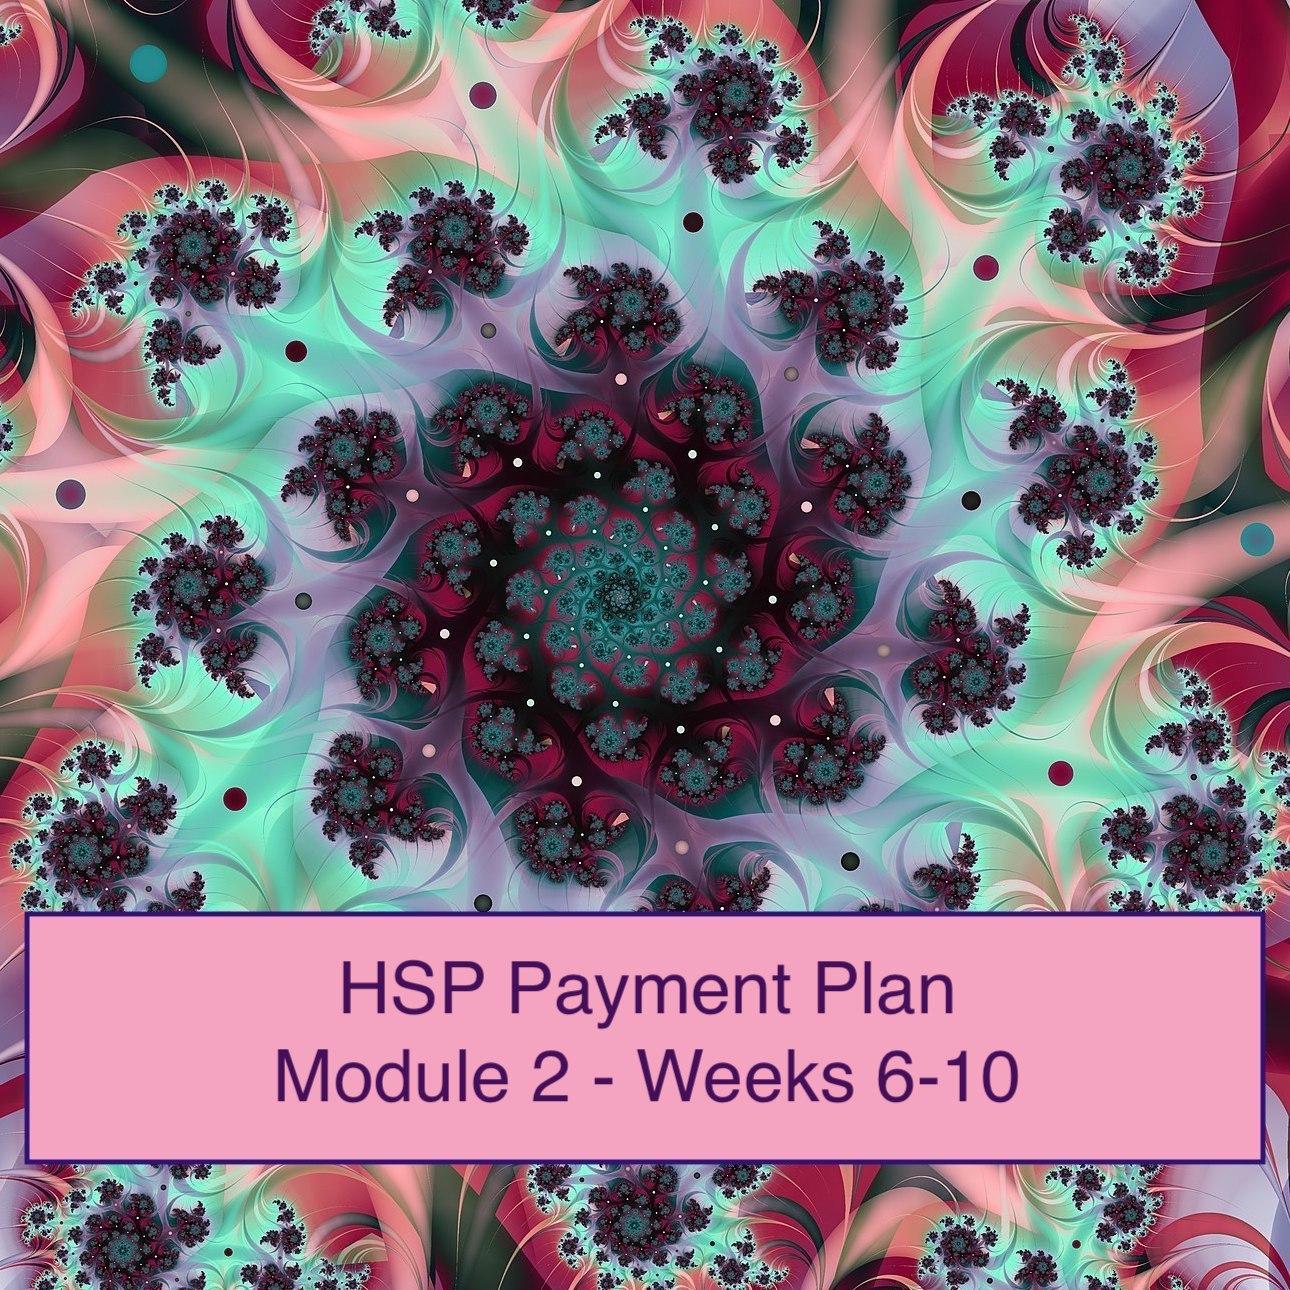 hsp-mod.-2-fractal